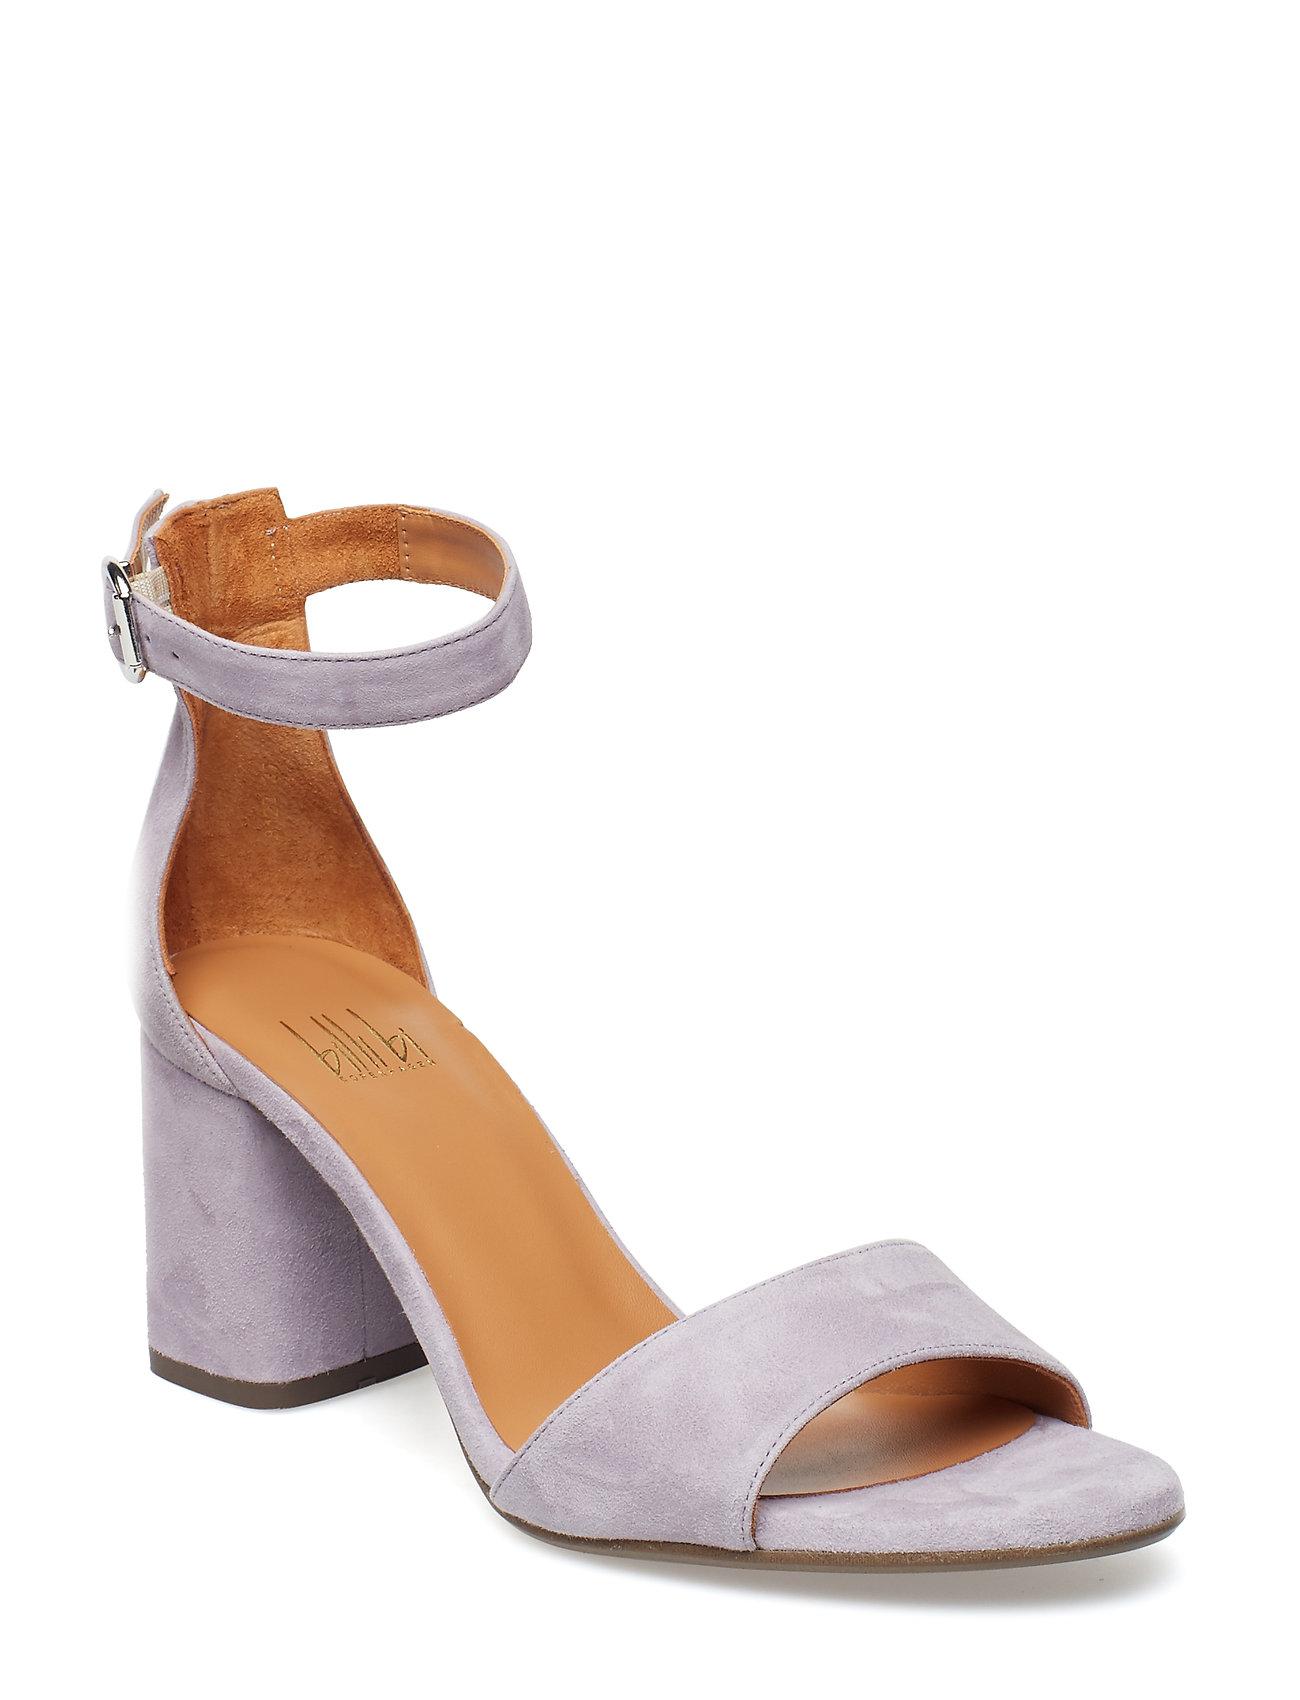 86ec04fc04d Billi Bi Sandals 8123 (Lavender Marsiglia Suede 581), (116.35 ...